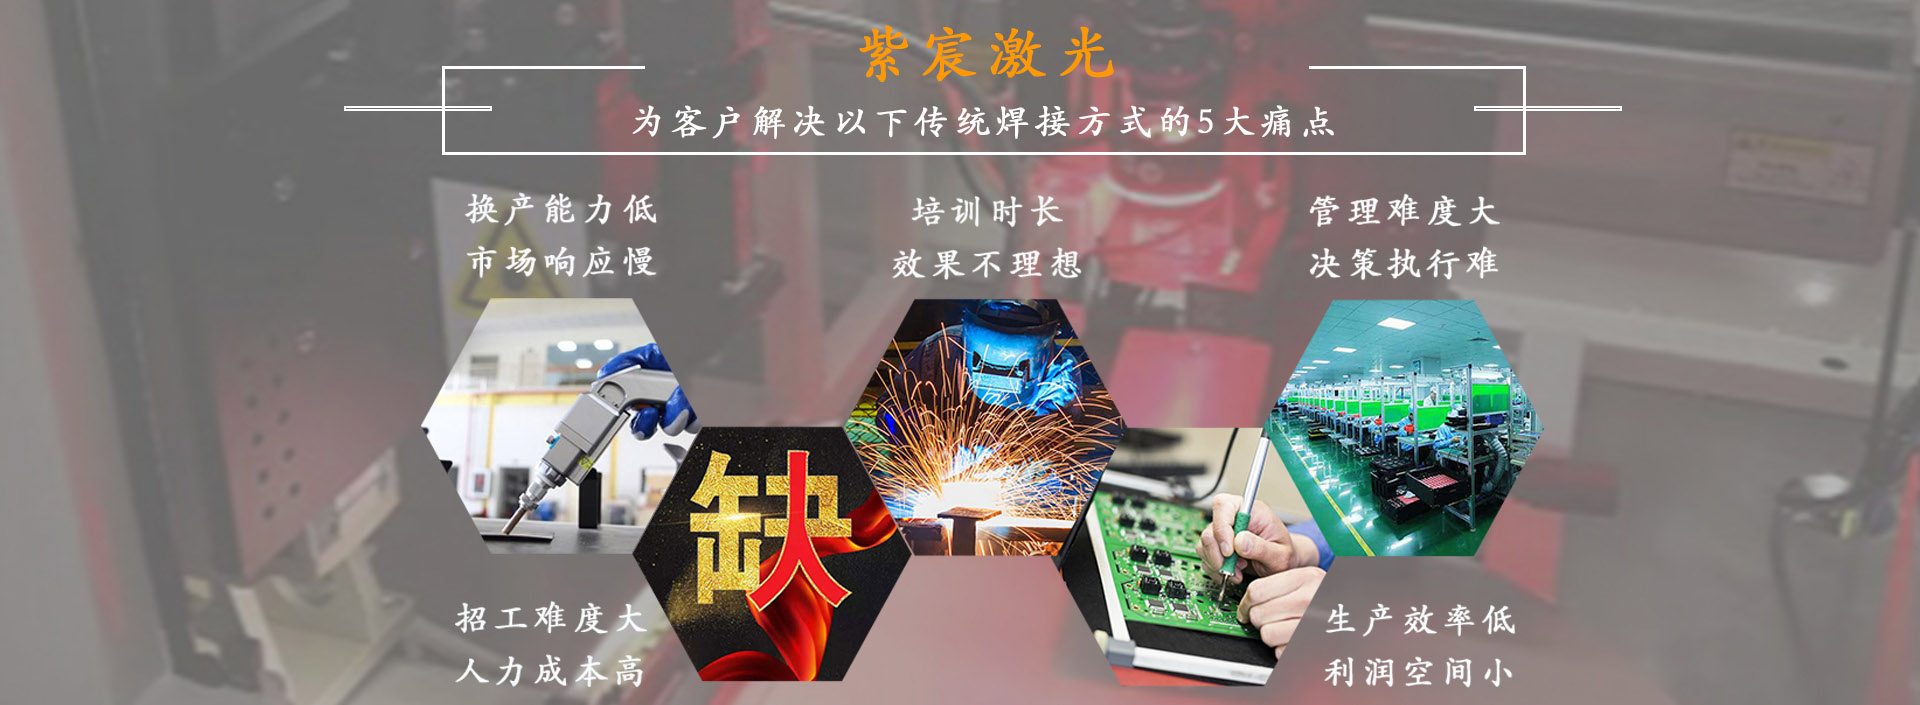 連續激光自動焊錫設備,為客戶解決產能煩惱